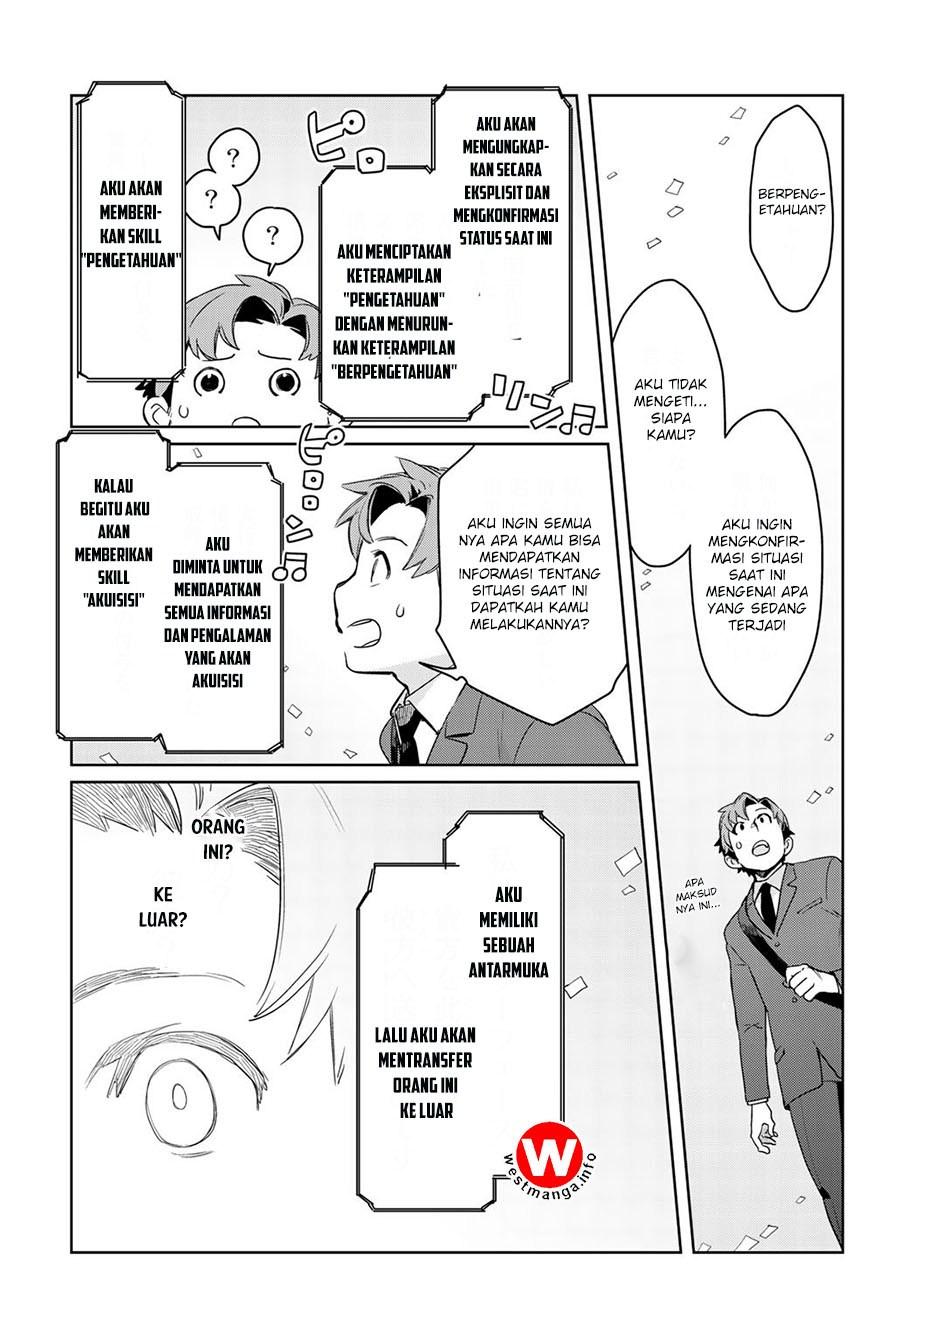 Dilarang COPAS - situs resmi www.mangacanblog.com - Komik isekai ni kita mitai dakedo ikan sureba yoi no darou 001 - chapter 1 2 Indonesia isekai ni kita mitai dakedo ikan sureba yoi no darou 001 - chapter 1 Terbaru 9 Baca Manga Komik Indonesia Mangacan